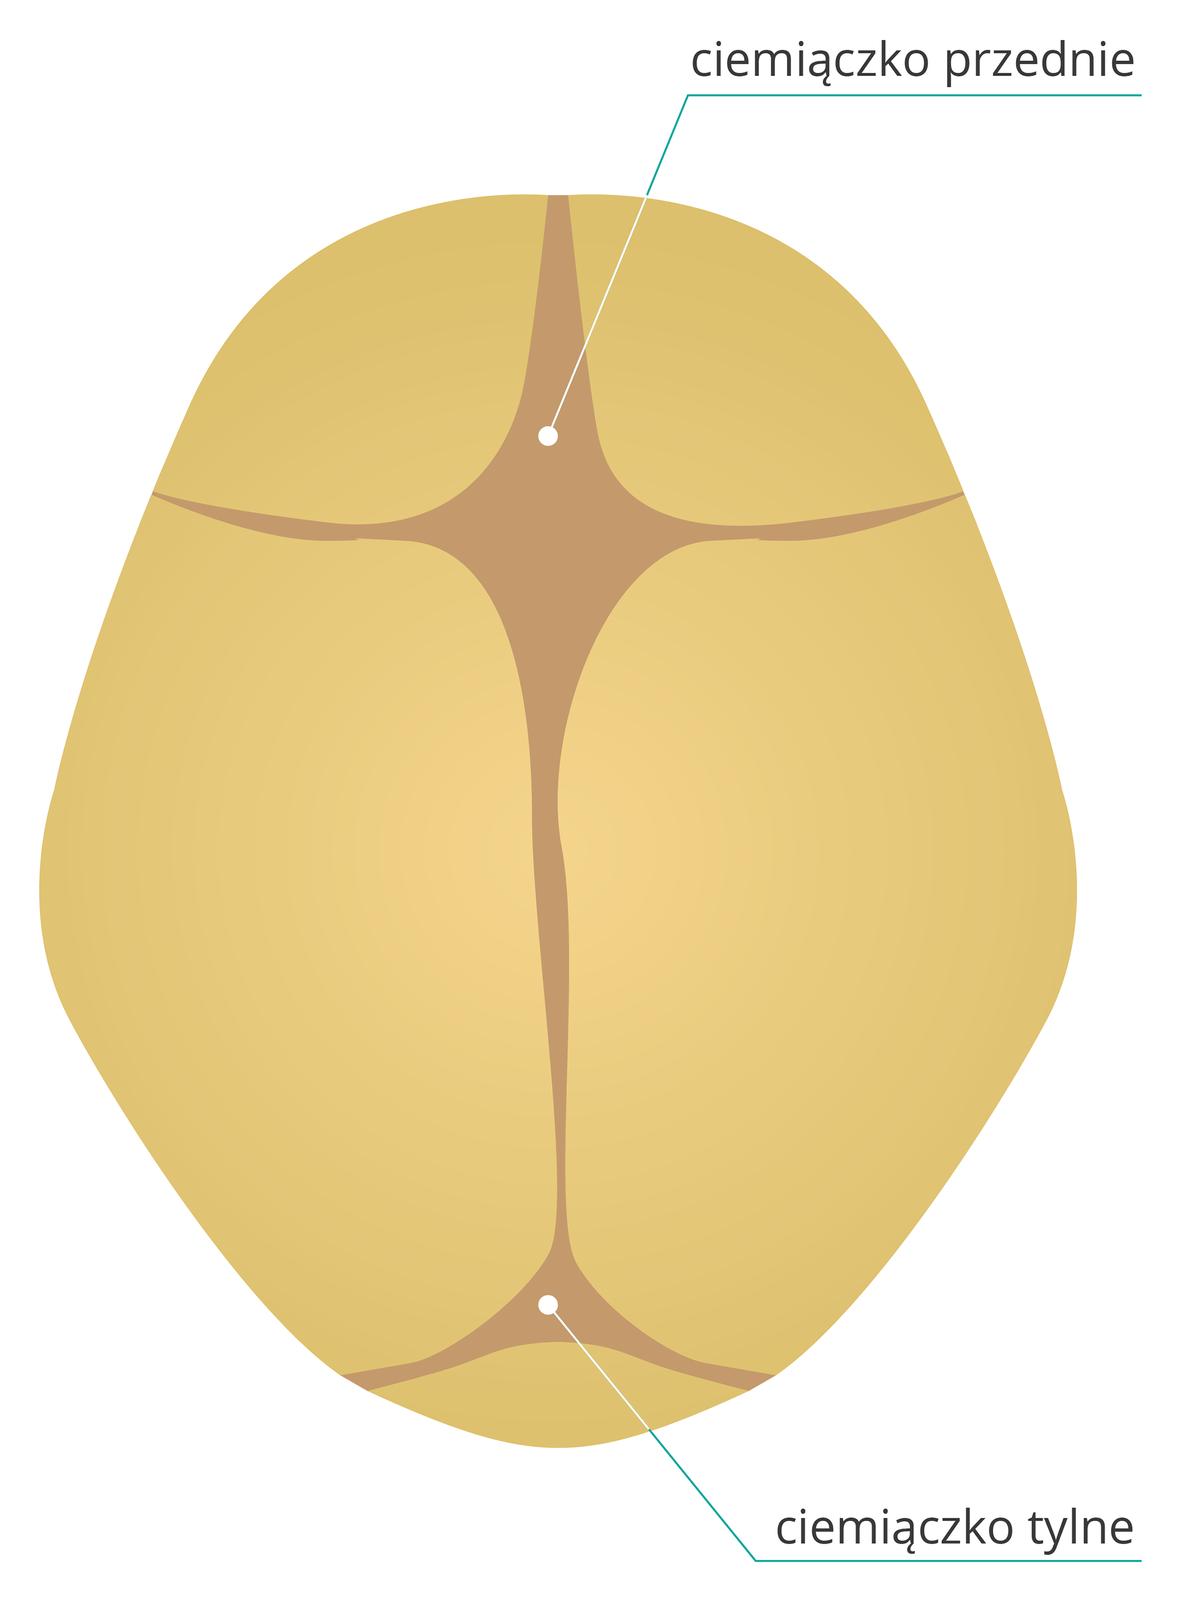 Ilustracja przedstawia brązową czaszkę noworodka zgóry. Płyty kostne stykają się ze sobą, amiędzy nimi ciemno zaznaczona błona, ciemiączko. Ugóry rombowate duże ciemiączko przednie, udołu mniejsze trójkątne ciemiączko tylne.